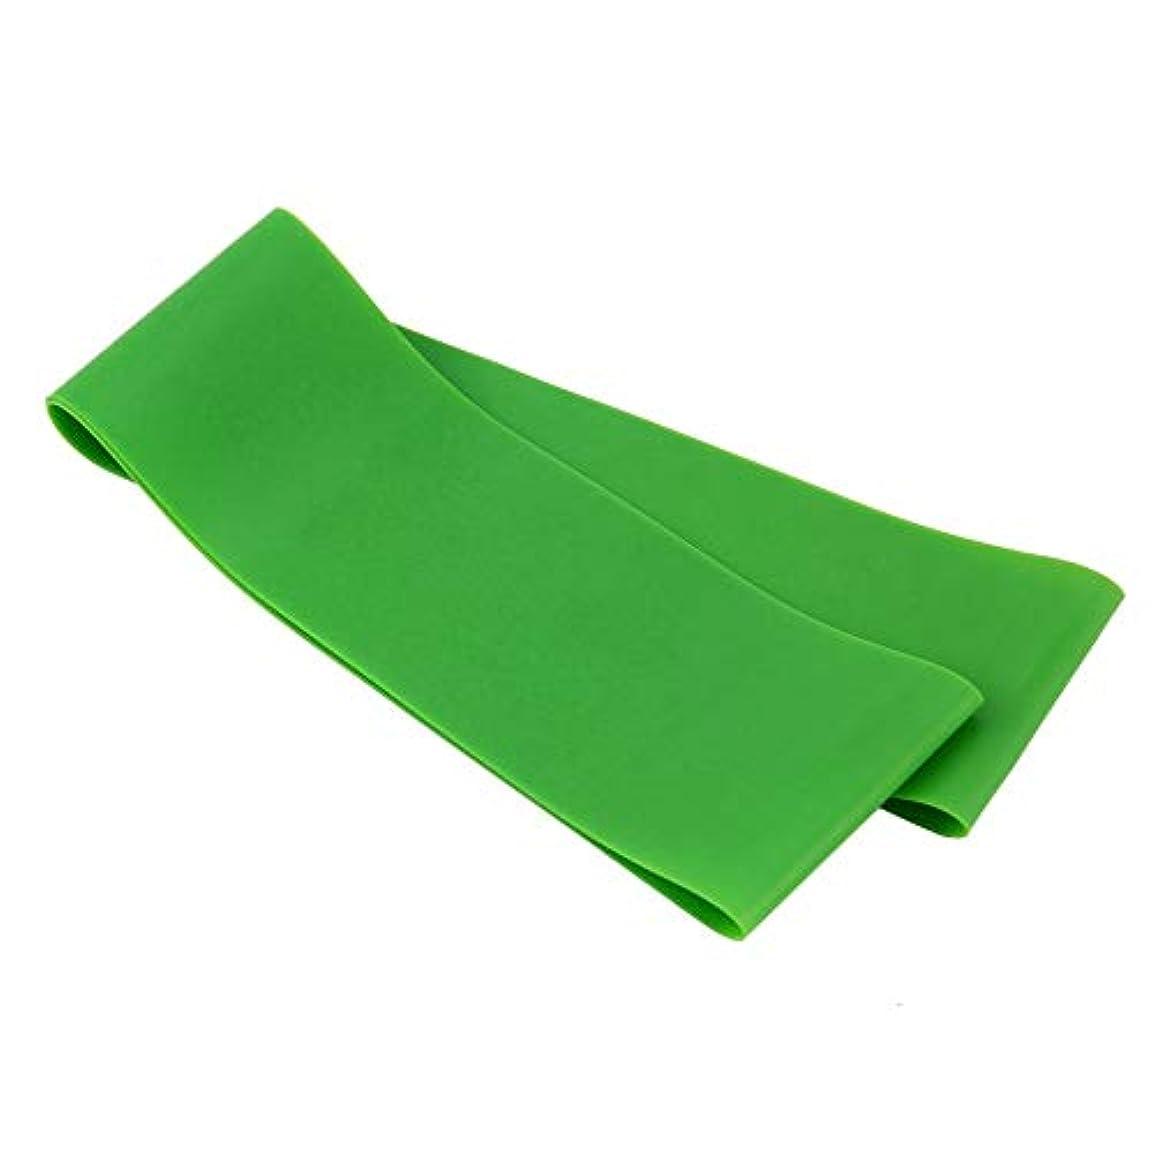 副産物パスタ予想する滑り止め伸縮性ゴム弾性ヨガベルトバンドプルロープ張力抵抗バンドループ強度のためのフィットネスヨガツール - グリーン